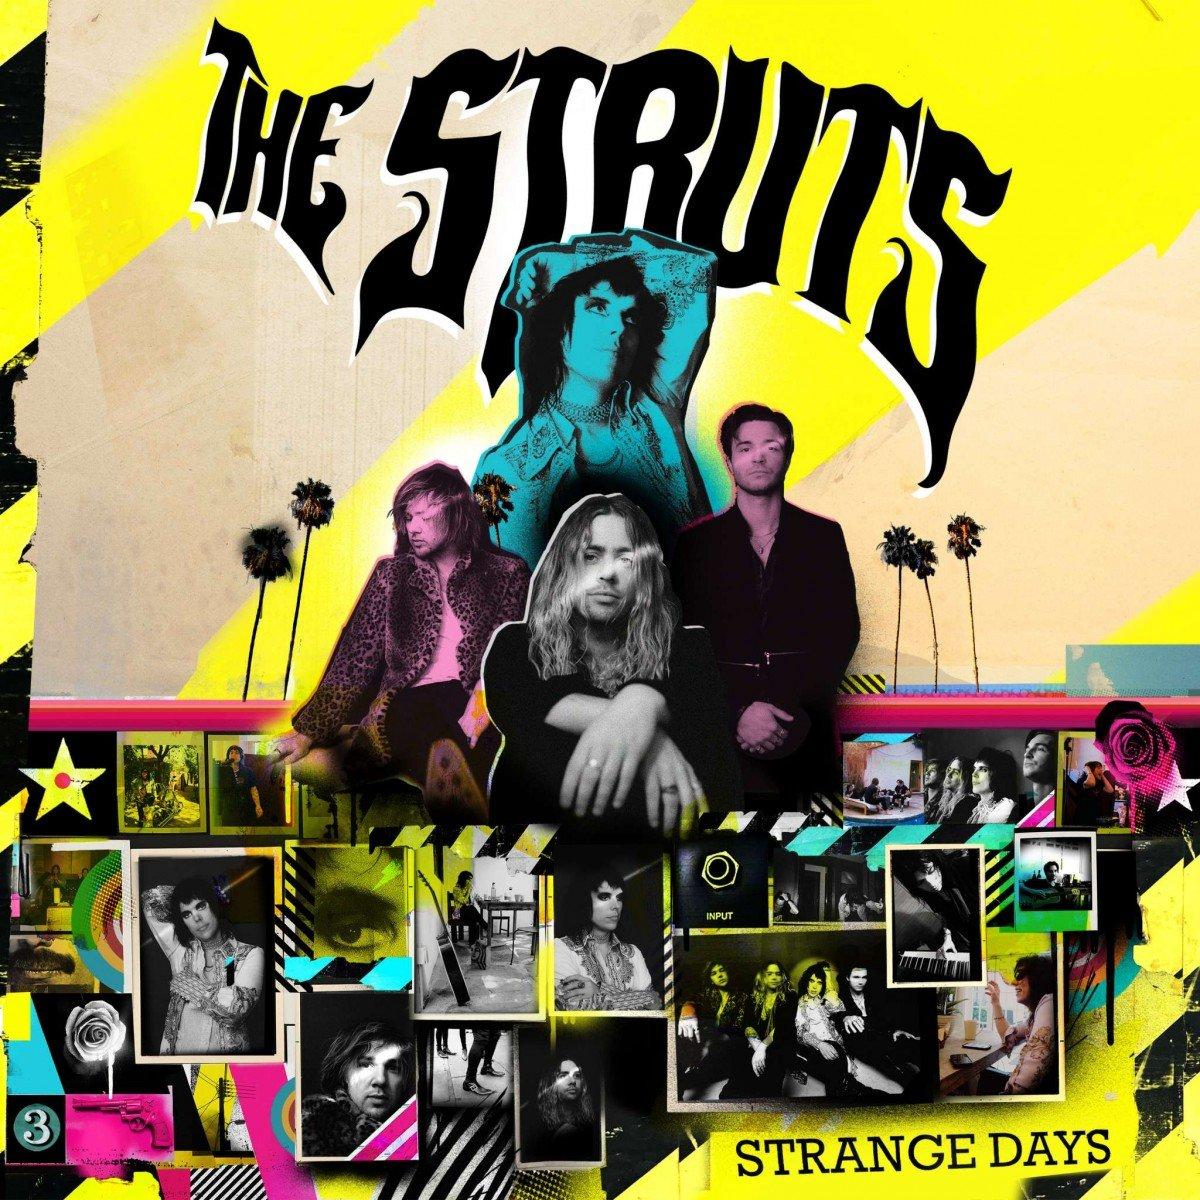 The-Struts-Strange-Days-Album-Art-2048x2048